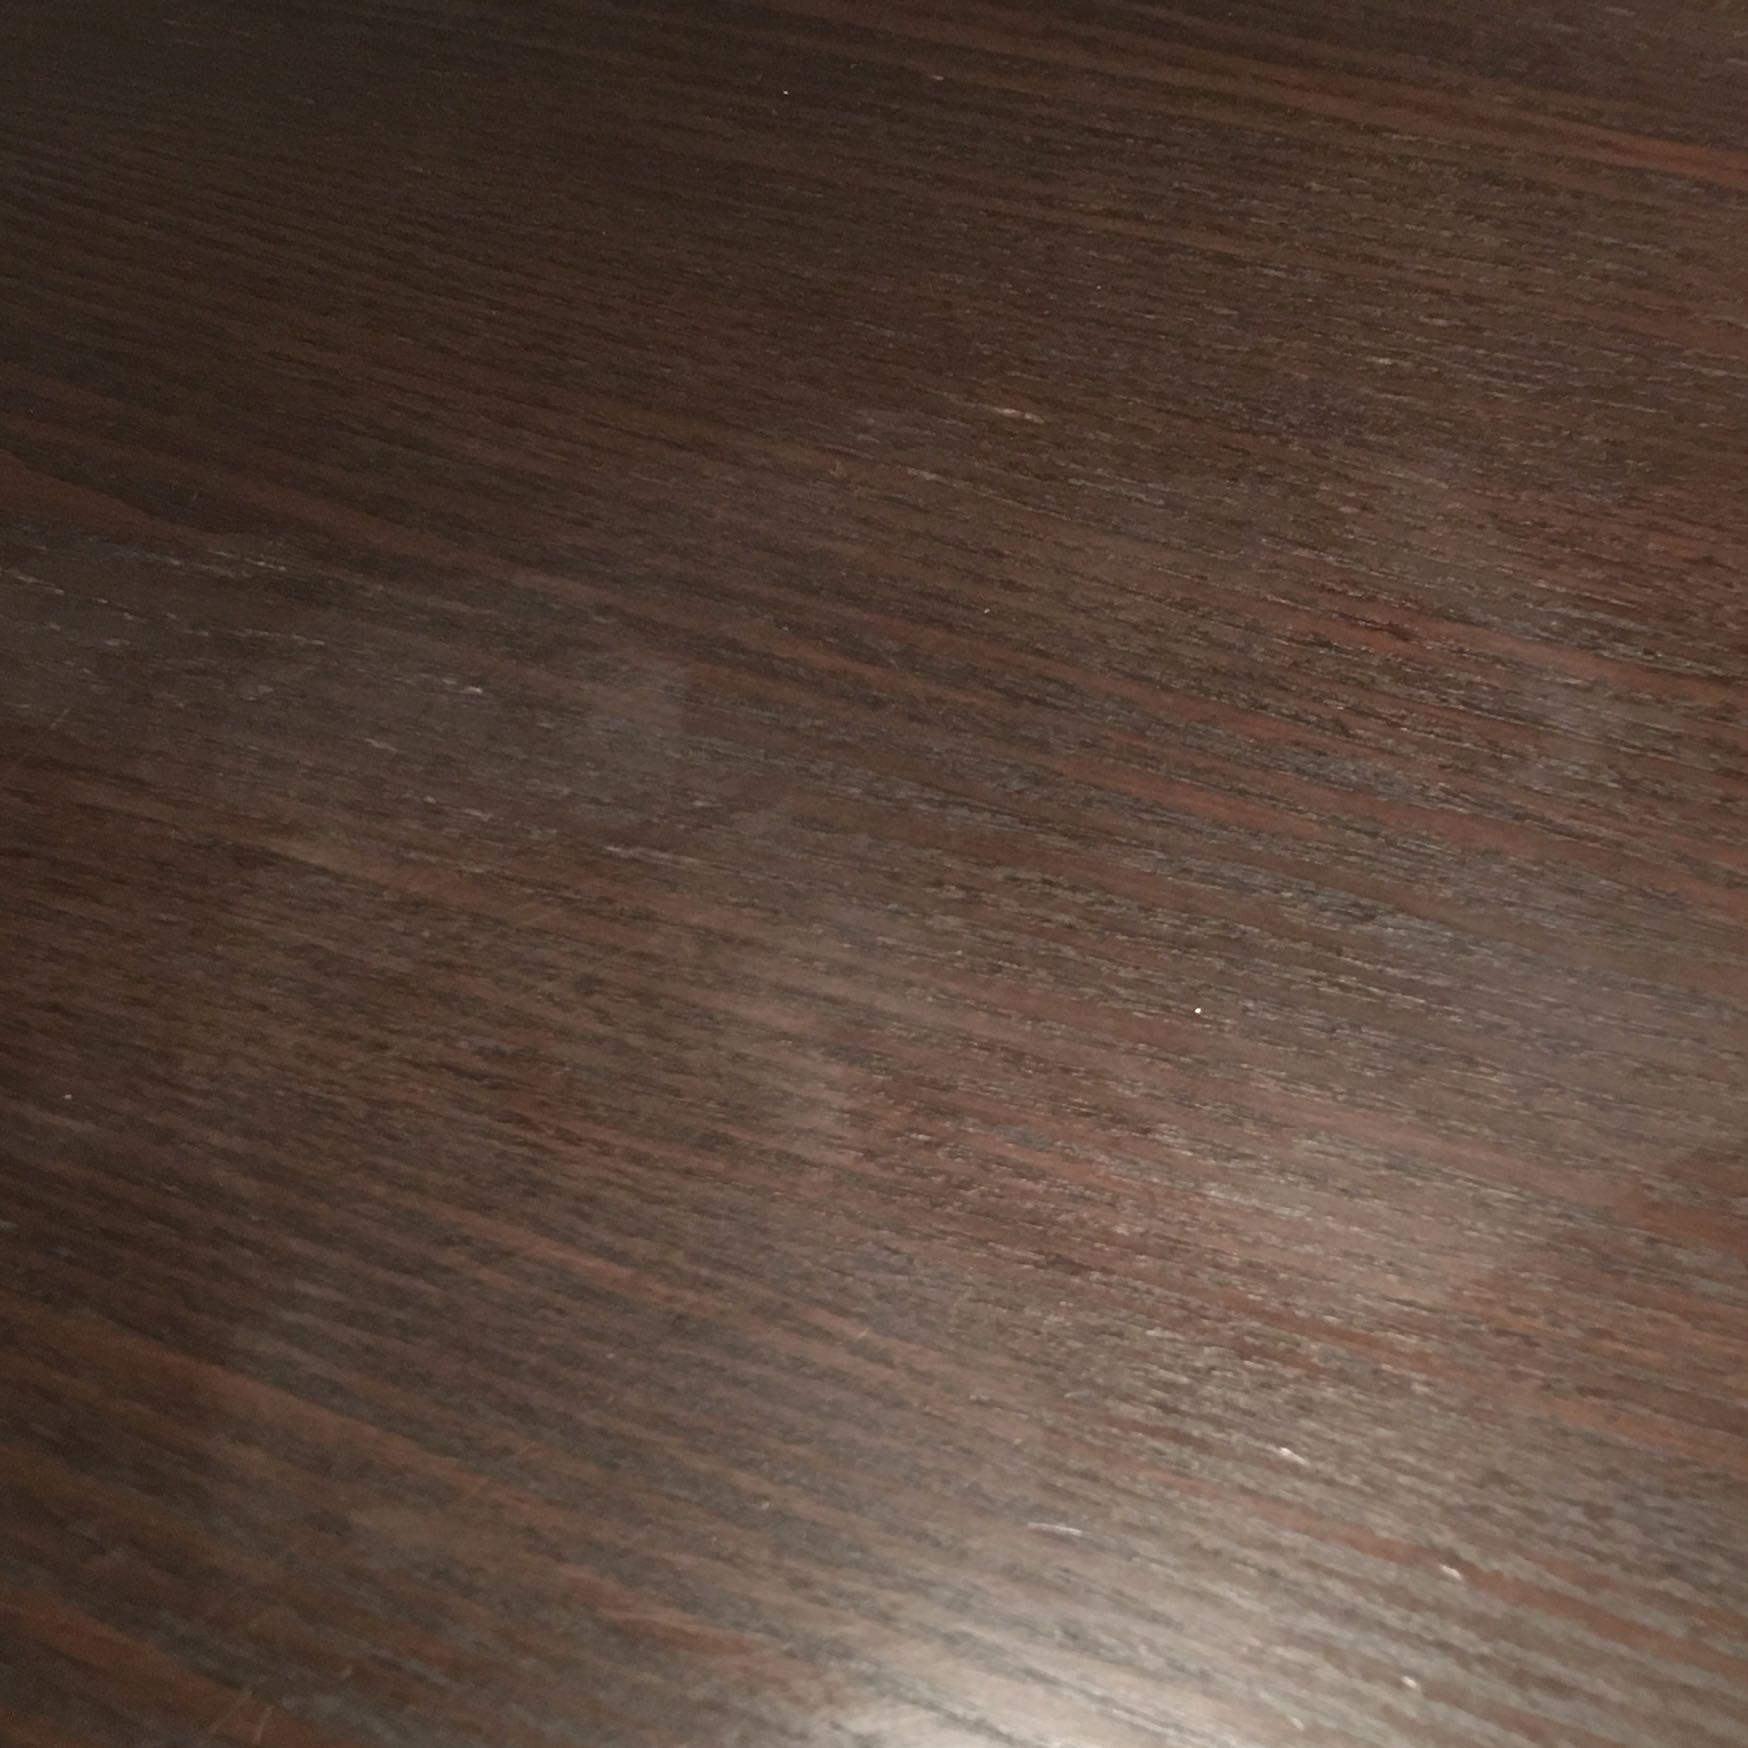 fleck entfernen tischplatte alkohol m bel flecken. Black Bedroom Furniture Sets. Home Design Ideas